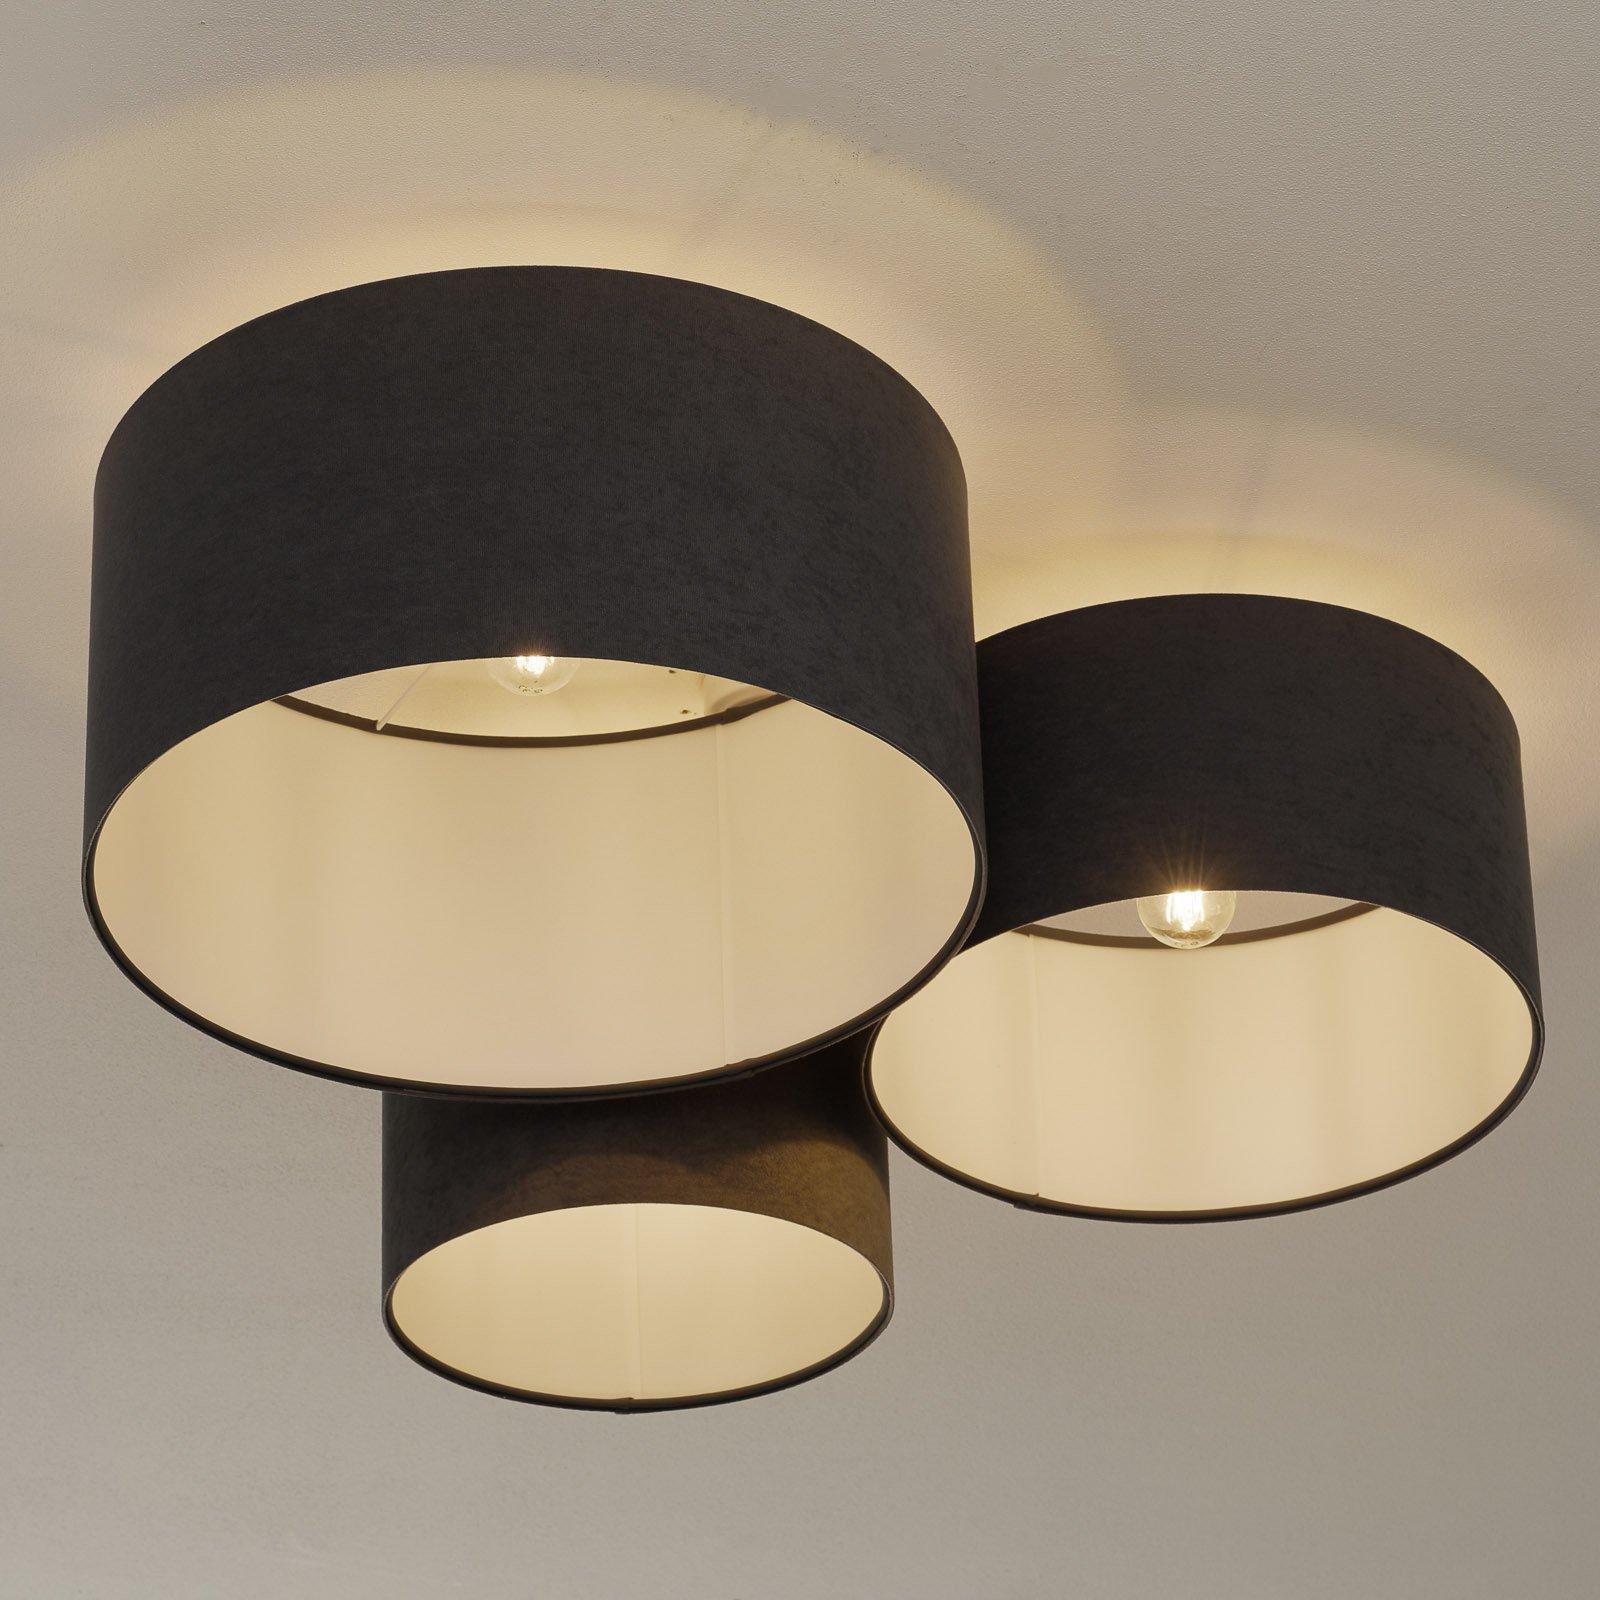 Taklampe 080, tre lyskilder, mørkegrå-hvit